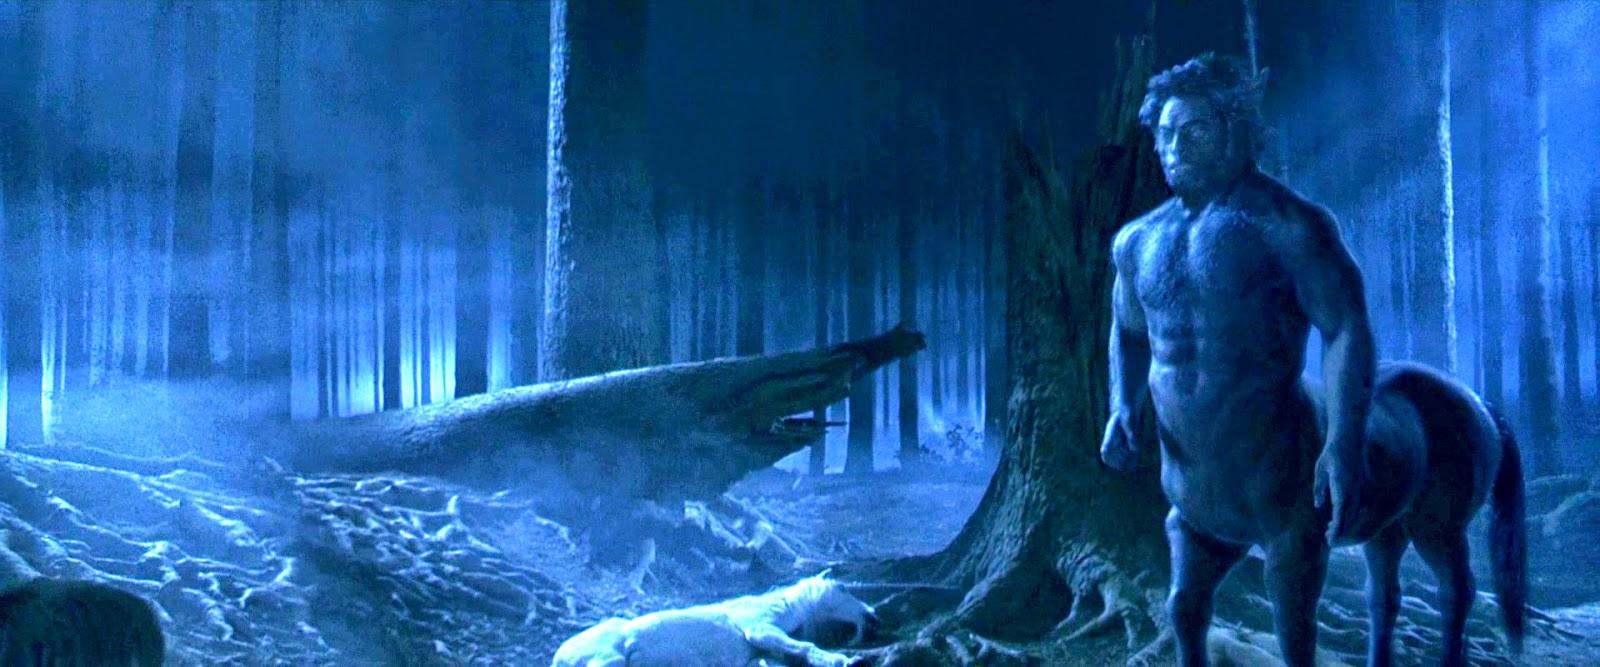 Harry Potter. El Bosque Prohibido.. Centauros. Firenze.